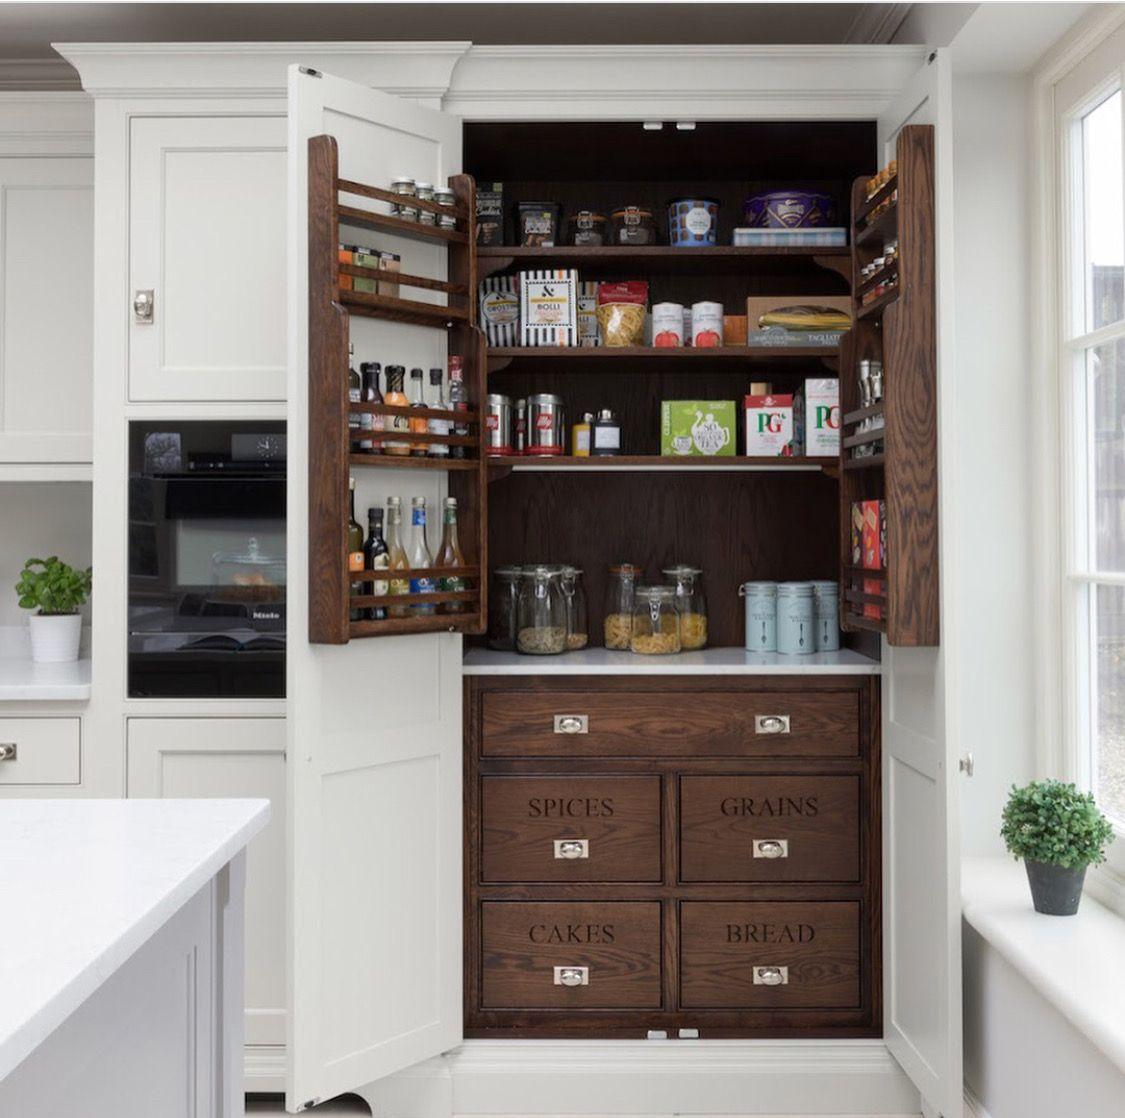 Great kitchen storage ideas | pantries in 2018 | Pinterest | Cucine ...